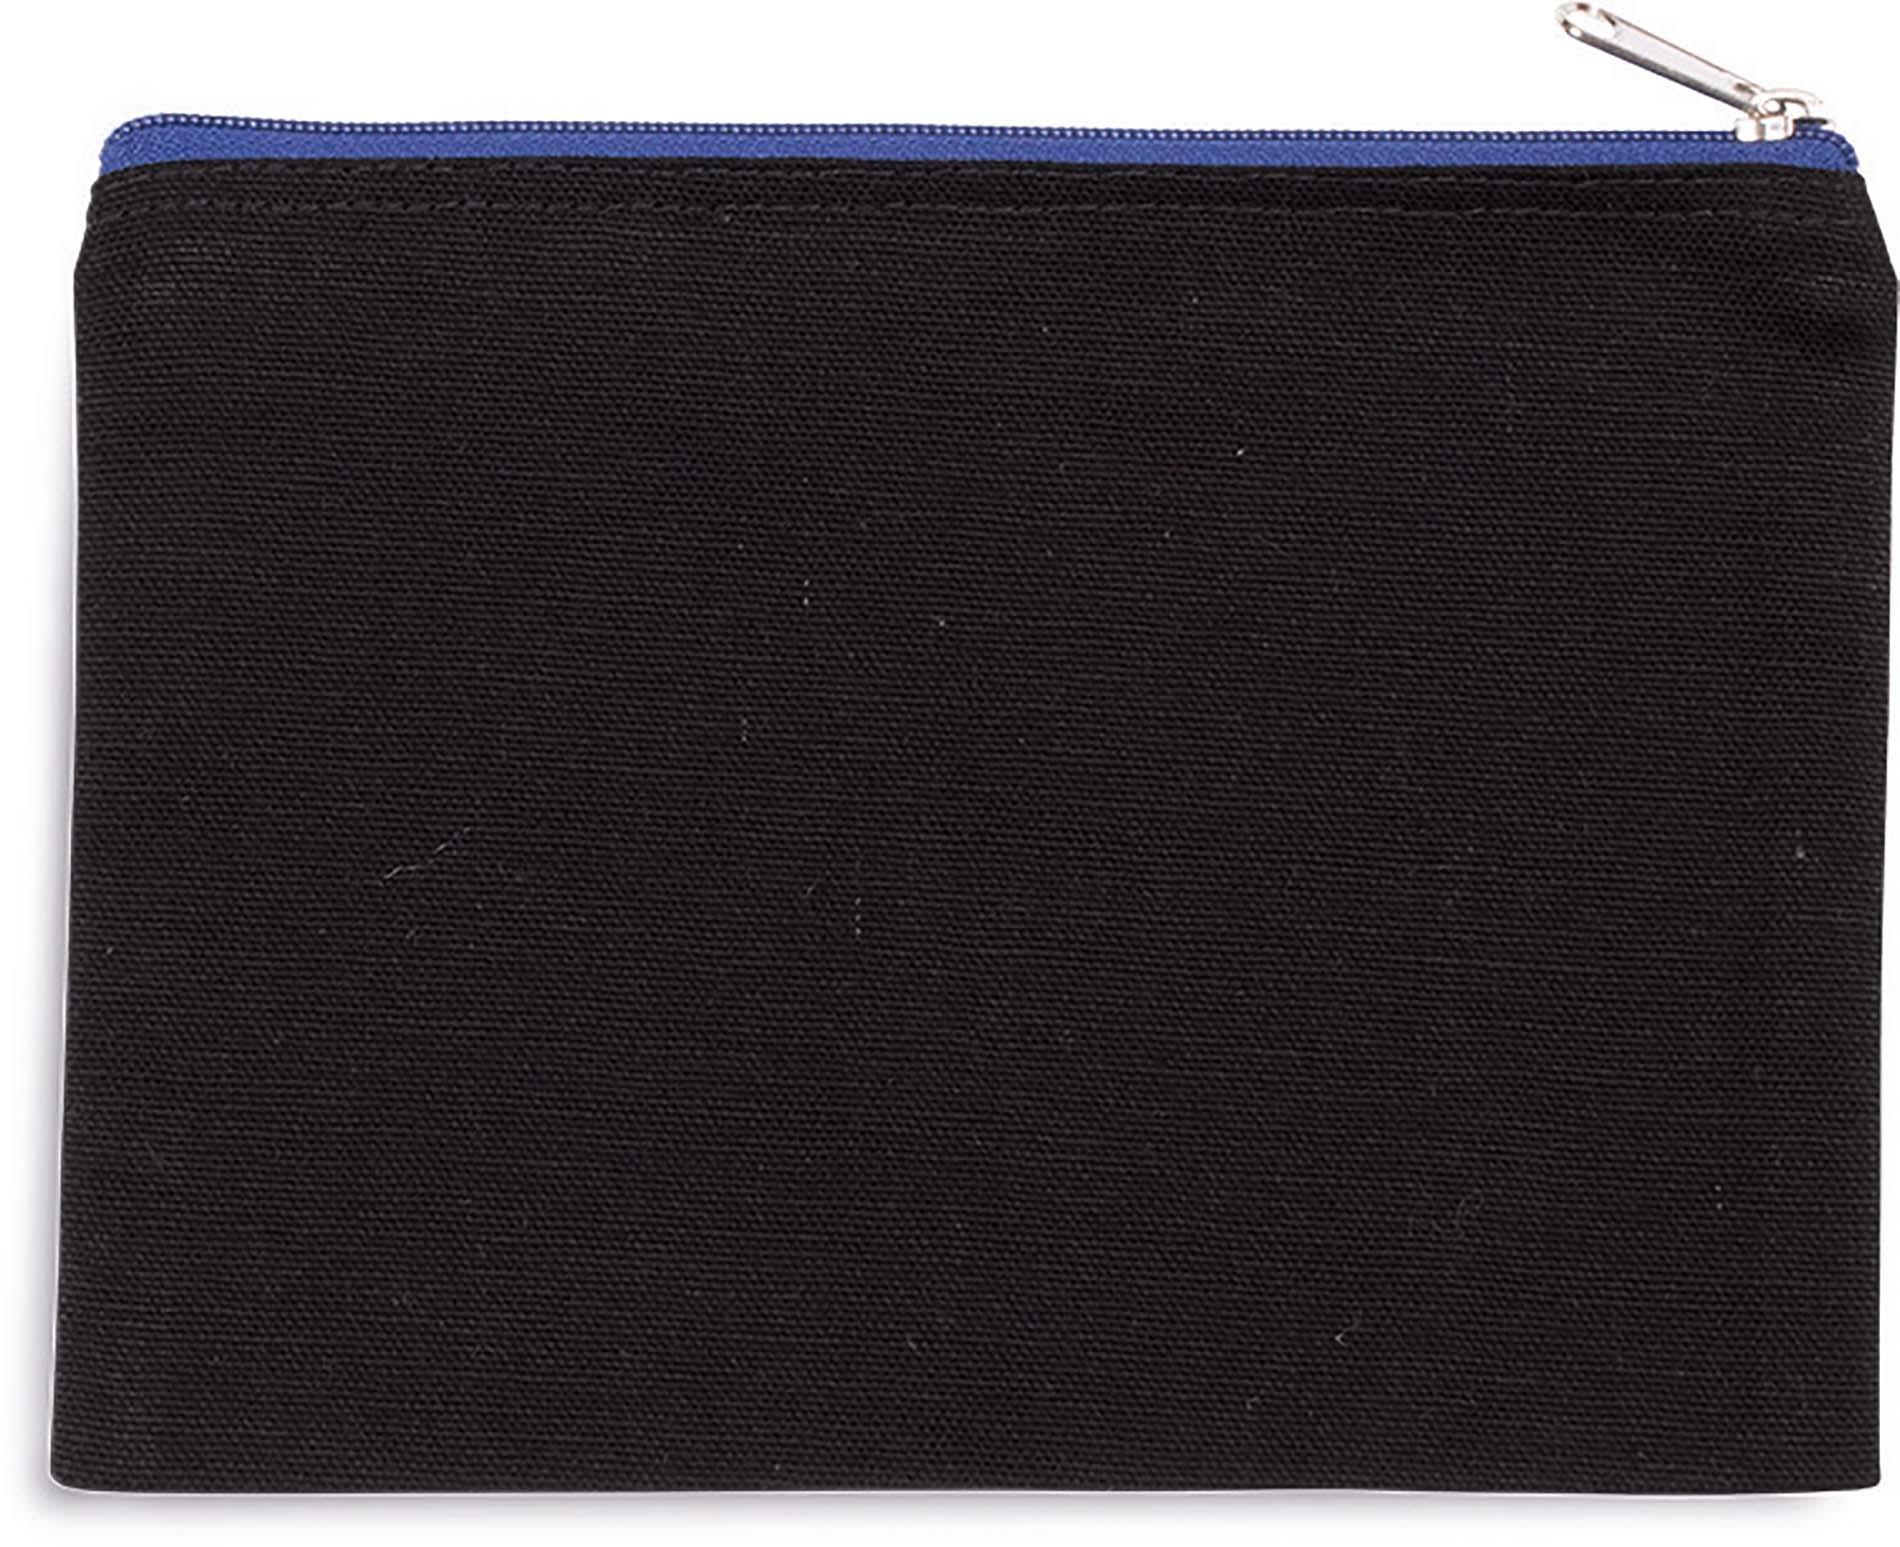 Pochette en coton canvas - modèle moyen